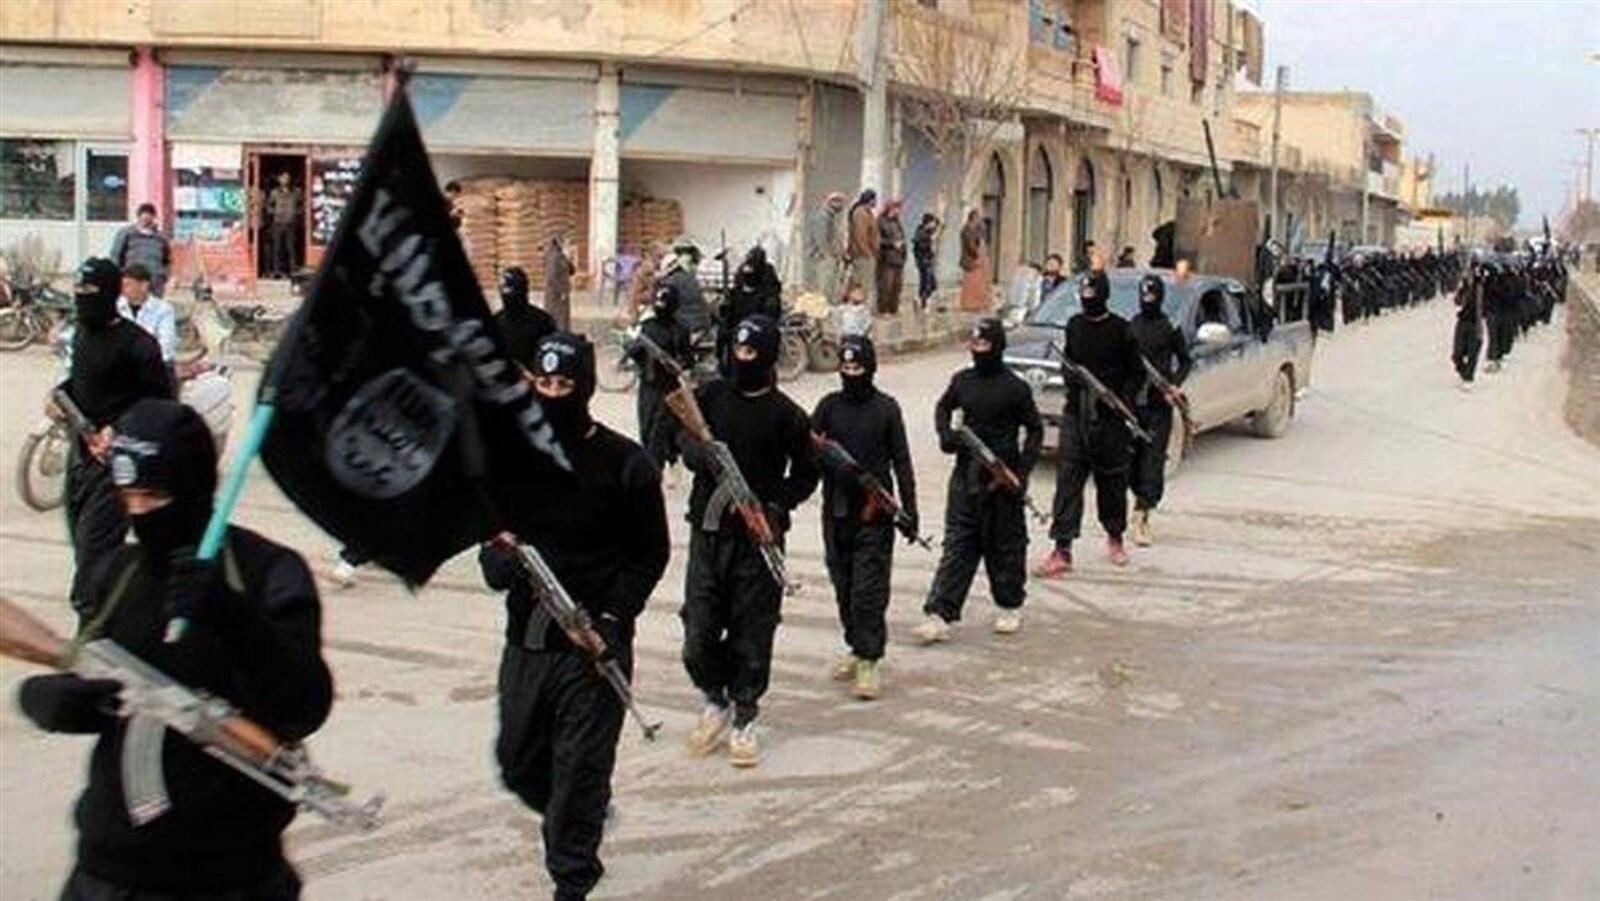 Des soldats armés et vêtus de noir défilent dans une rue avec un drapeau noir.